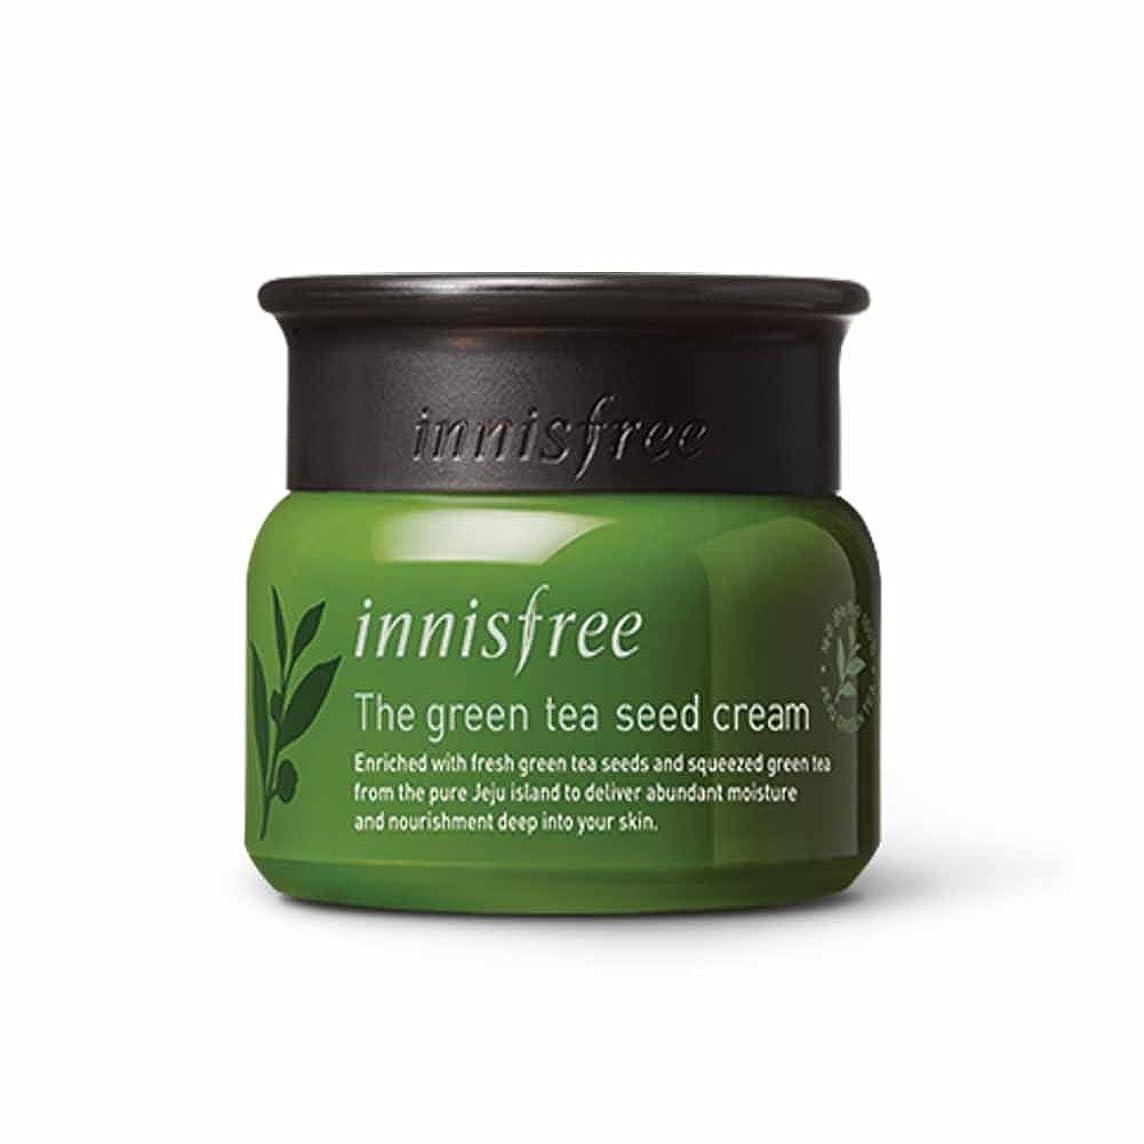 類似性曲のスコアイニスフリーグリーンティーシードクリーム50ml Innisfree The Green Tea Seed Cream 50ml[海外直送品][並行輸入品]